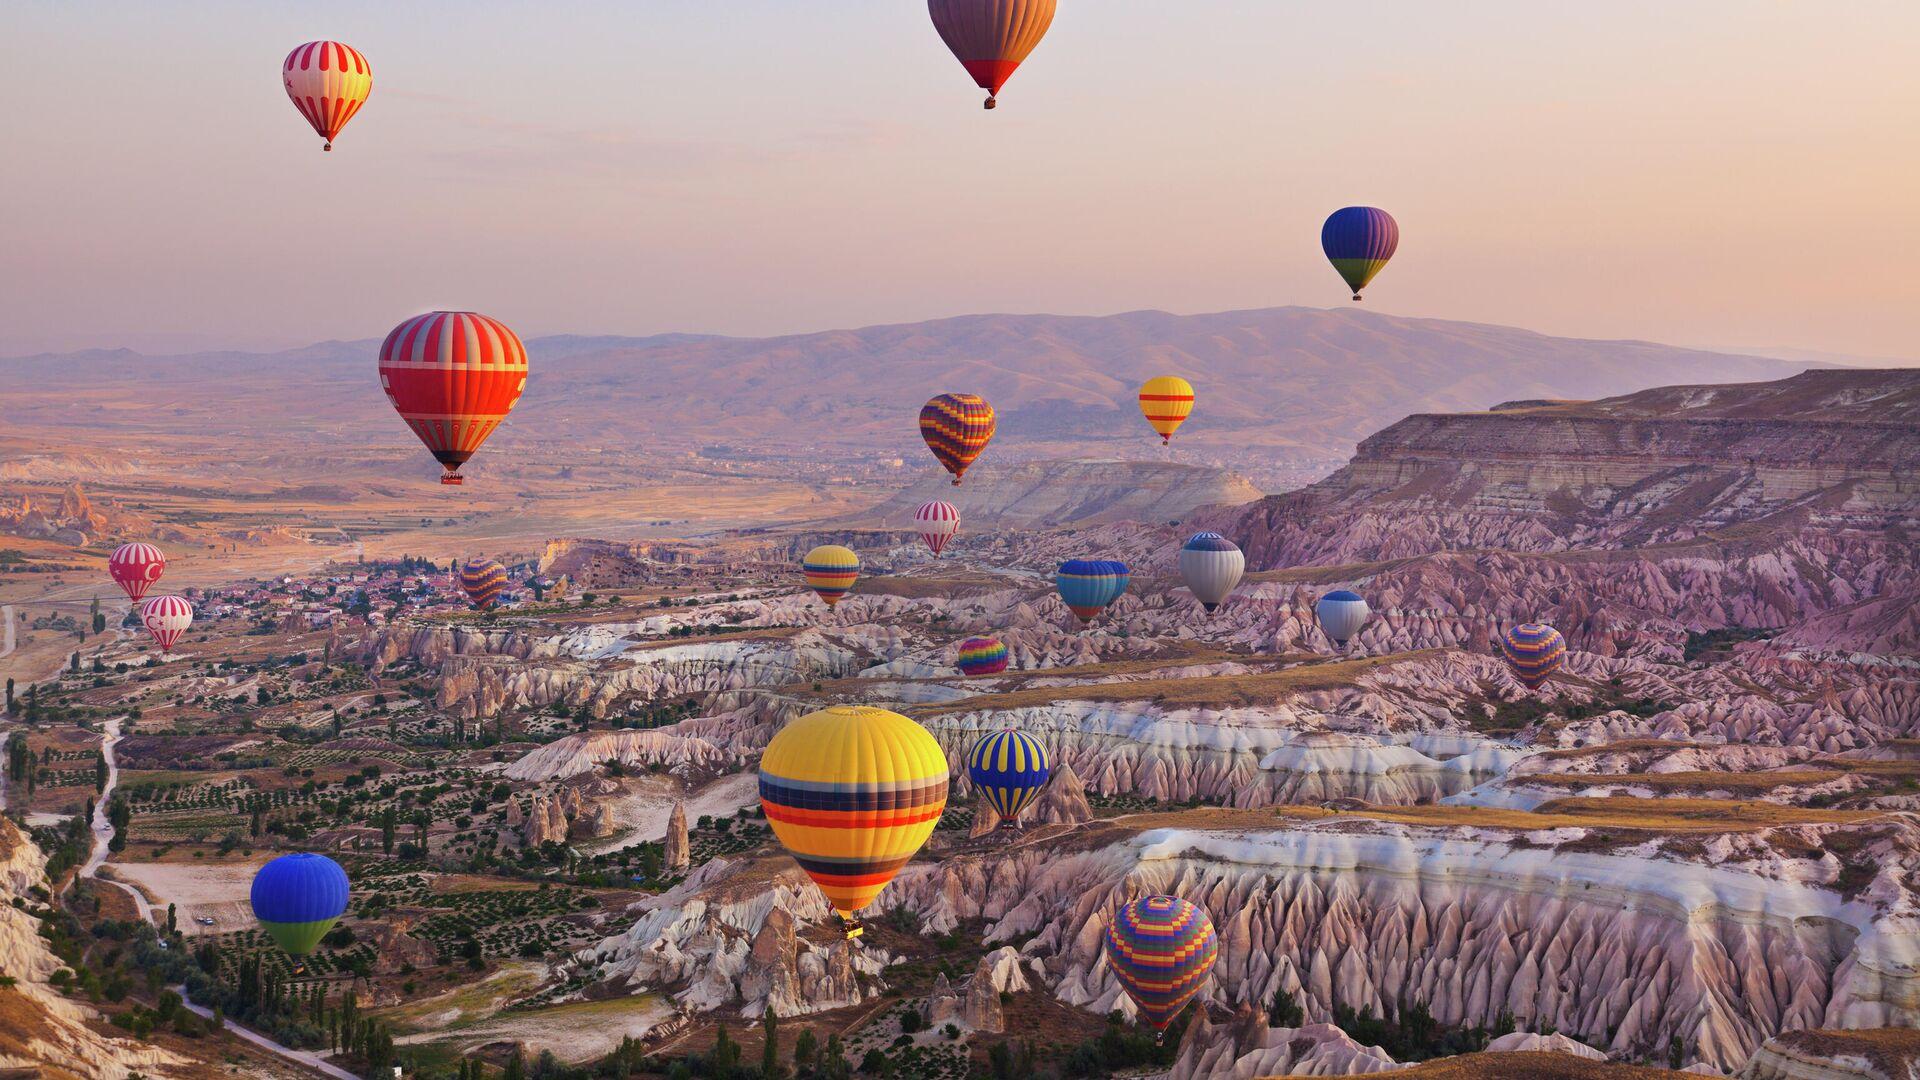 Воздушные шары в Каппадокии, Турция - РИА Новости, 1920, 30.07.2021